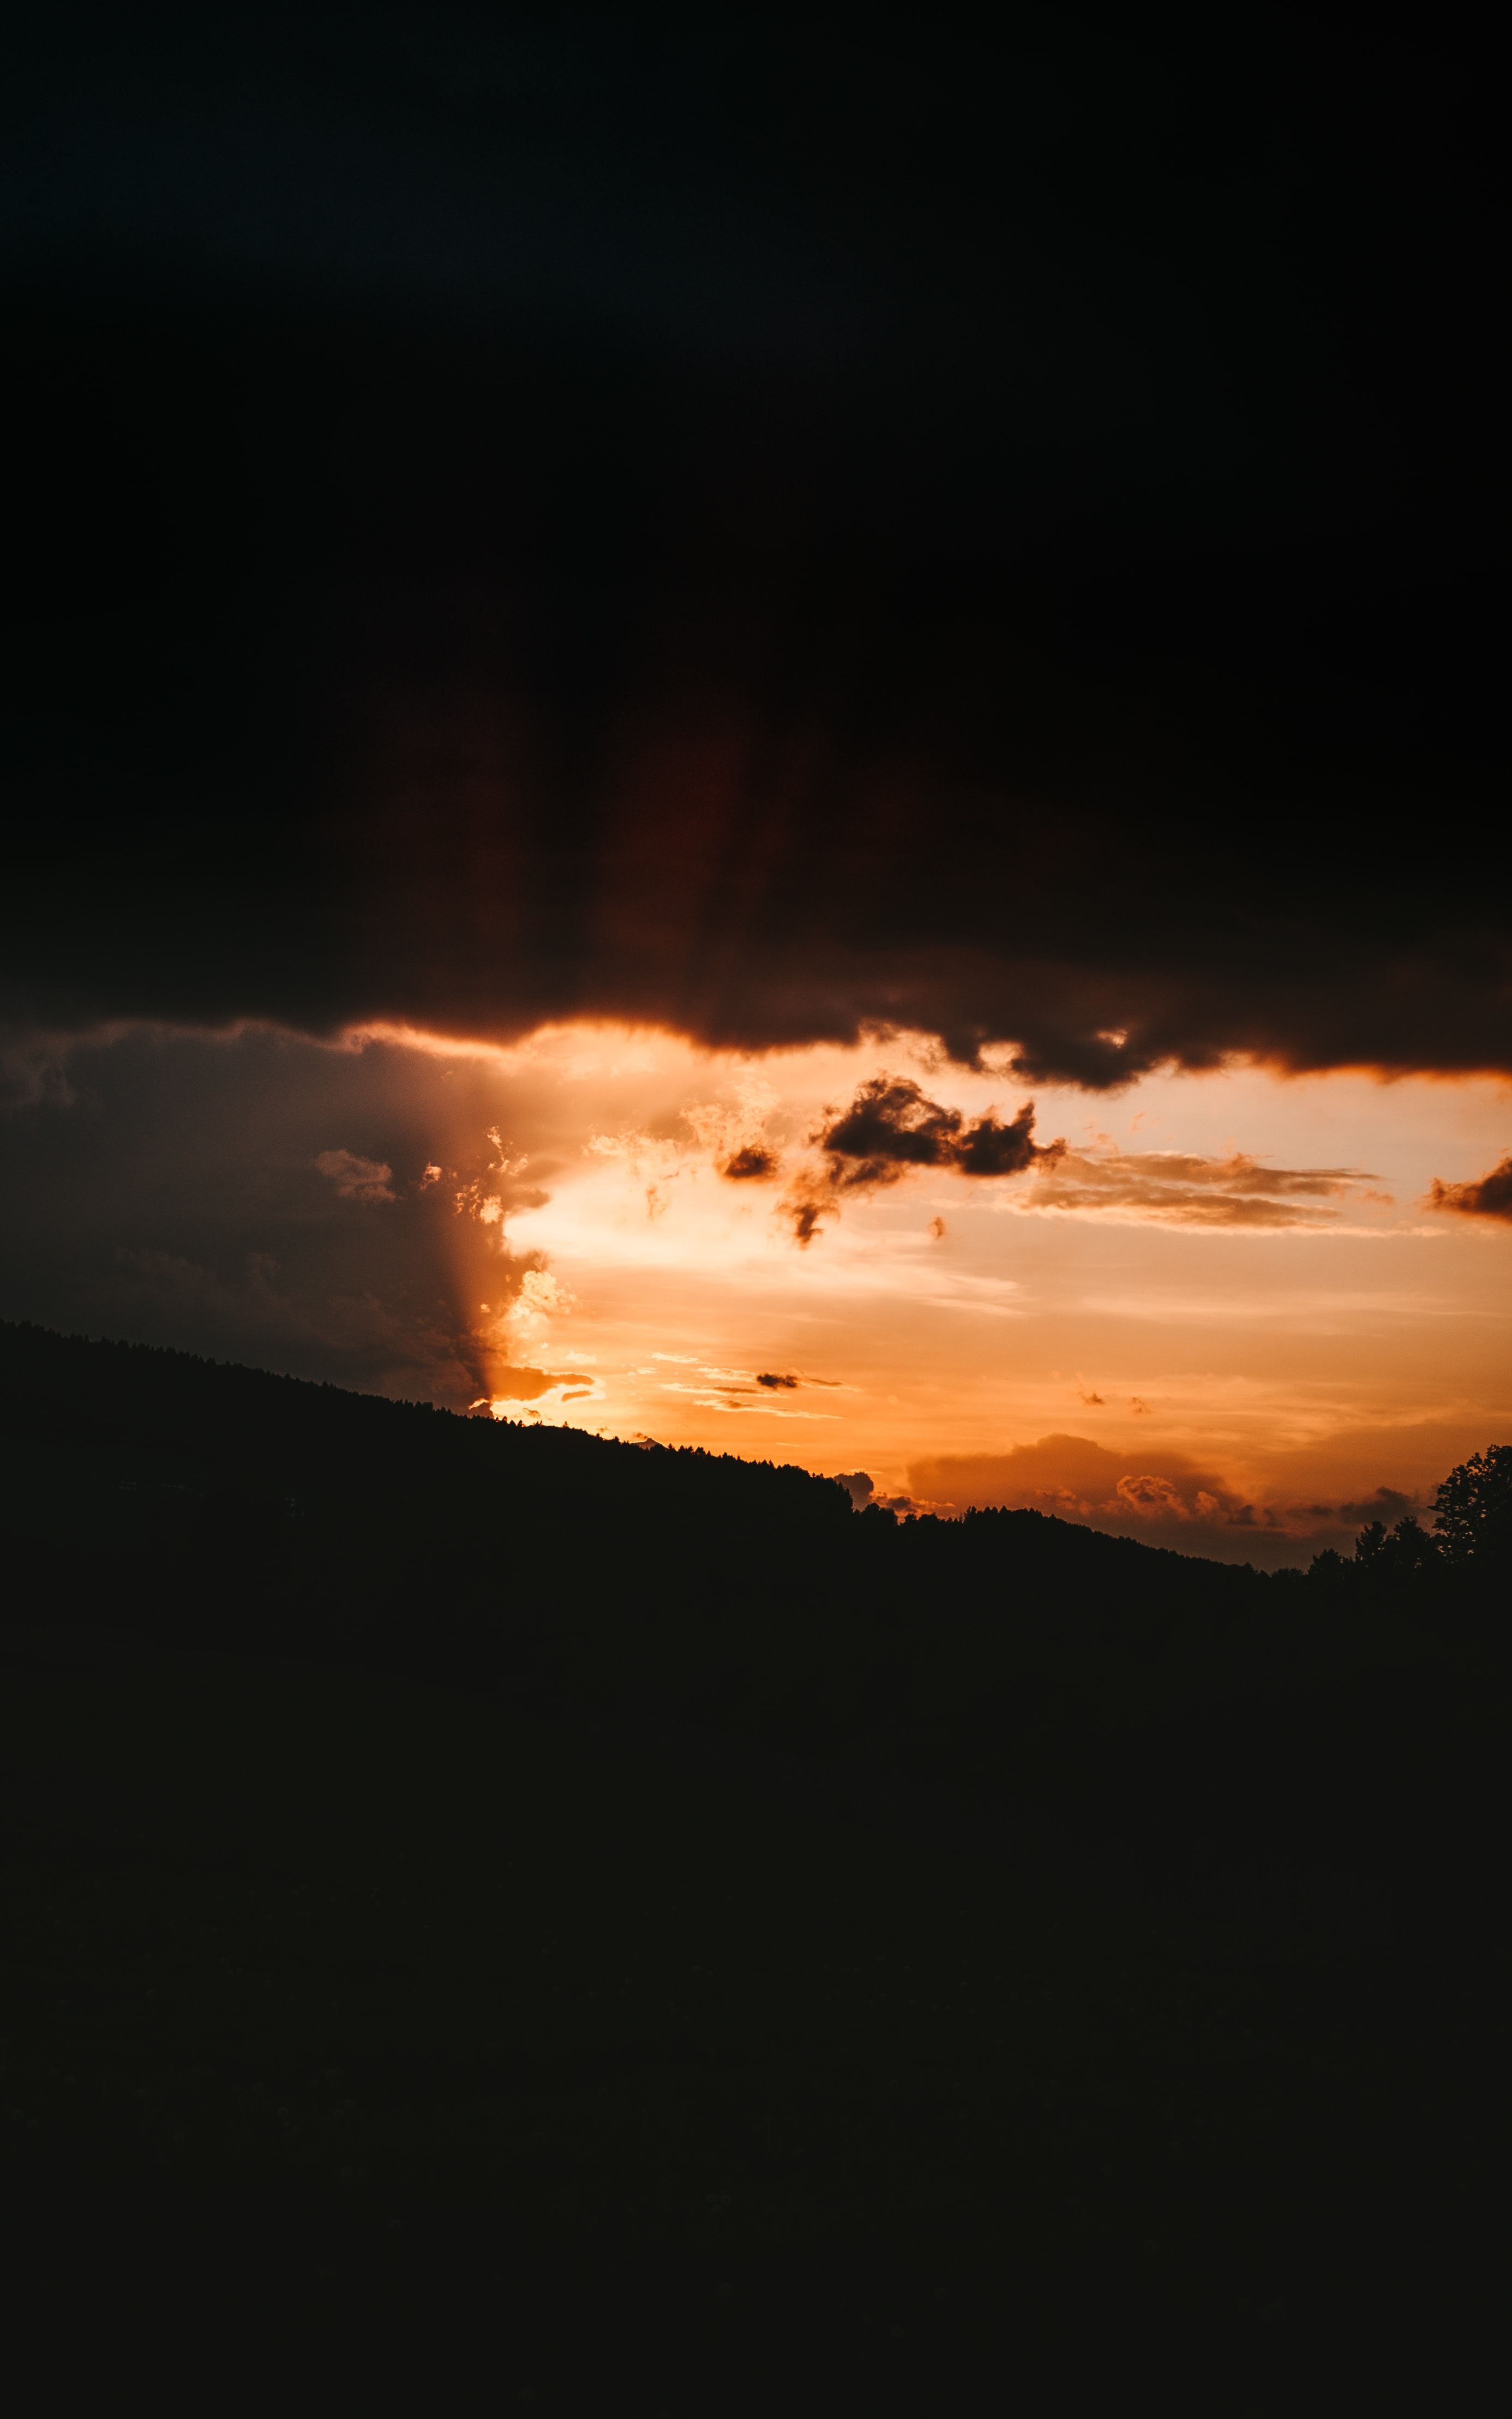 66959壁紙のダウンロード闇, 暗い, スロープ, 坂, 日没, ビーム, 光線, スカイ, サン-スクリーンセーバーと写真を無料で